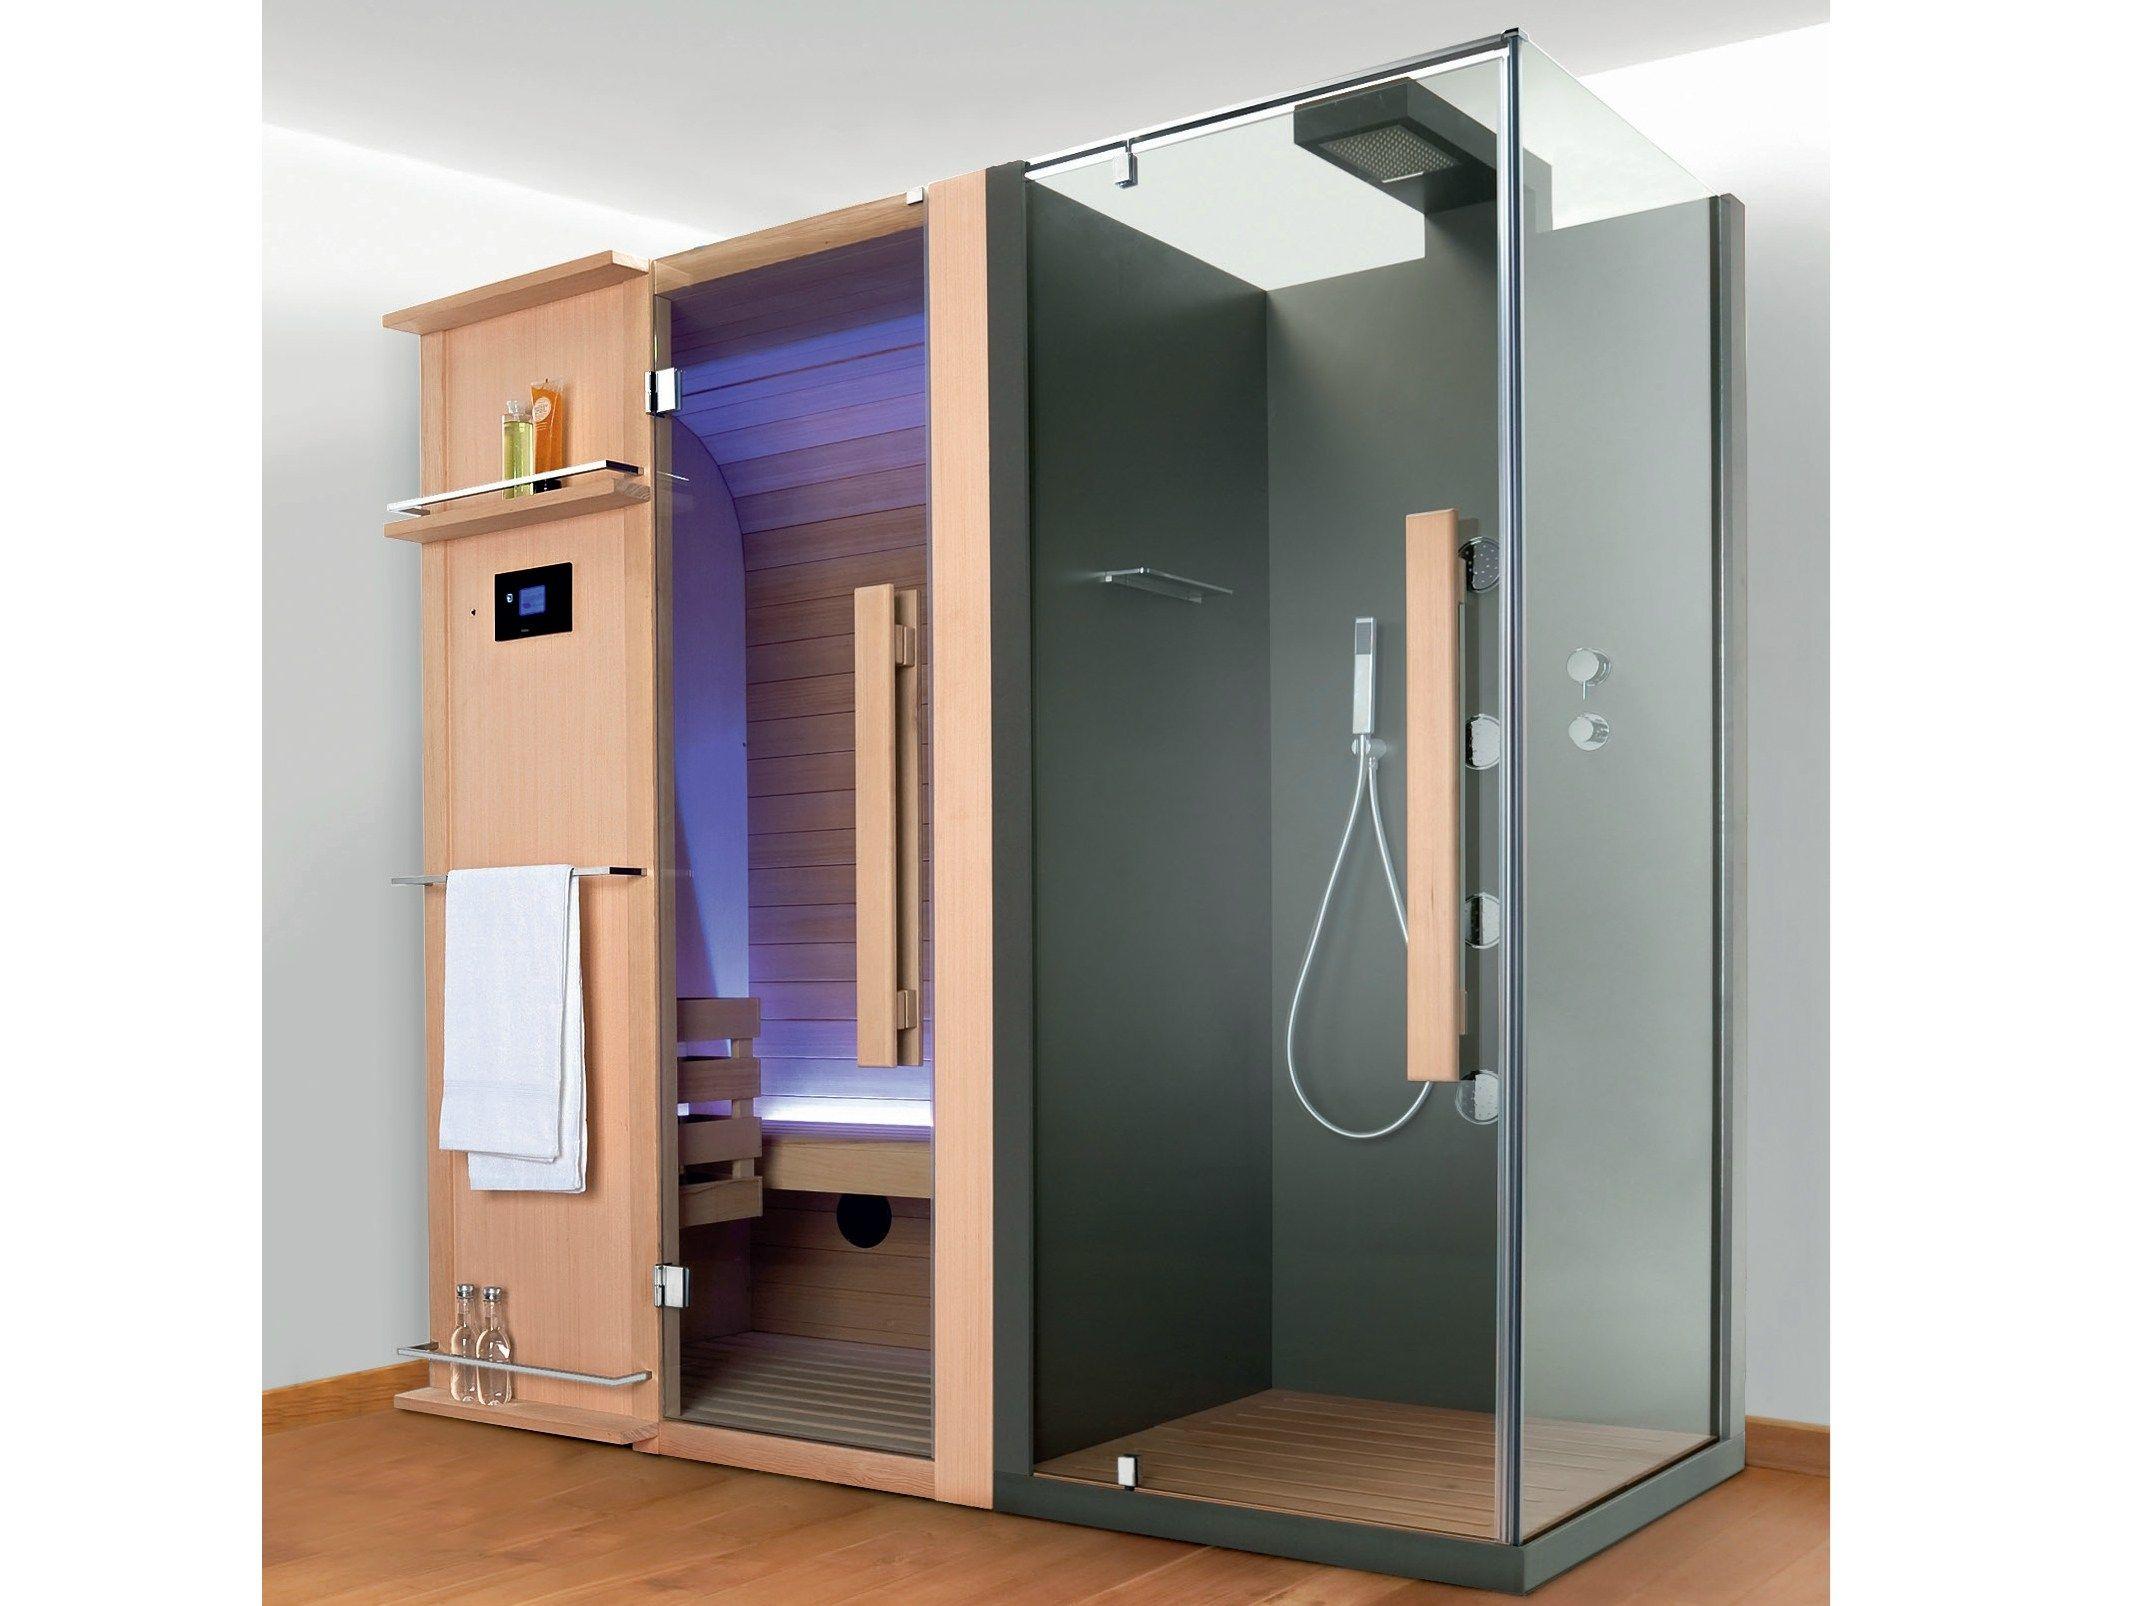 Doccia sauna prezzo casa colonica in toscana doccia con sauna ad